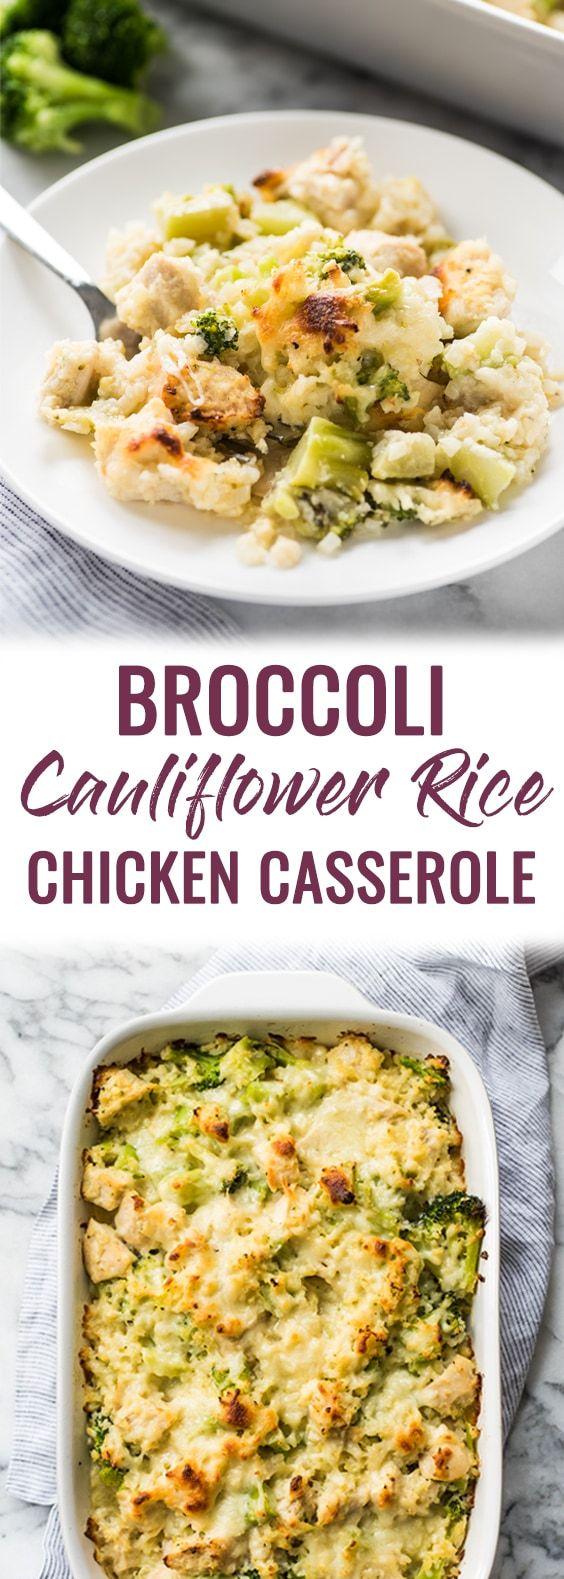 Questa ricetta casseruola di pollo e broccoli con broccoli e carboidrati a basso contenuto …